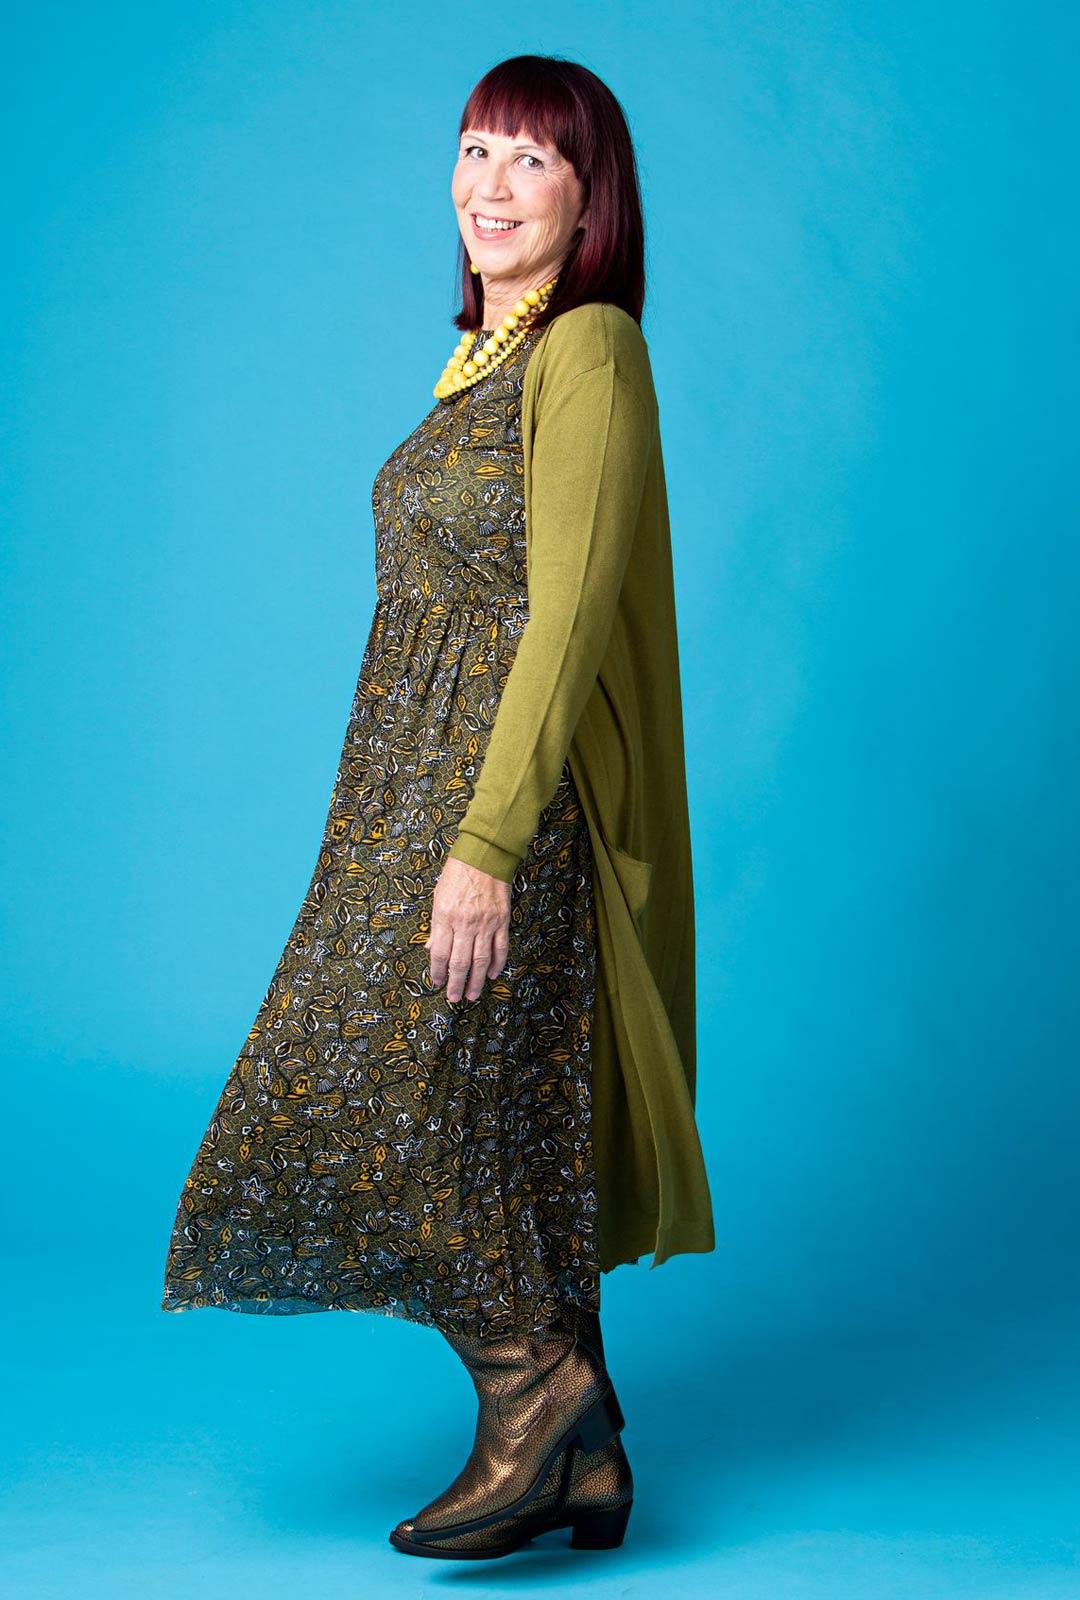 Pitkä neuletakki ja maksimekko ovat luottopari töihin. Vihreä on yksi Tuijan suosikkiväreistä. Se sopii edelleen myös tummiin hiuksiin. Pilkahdus okrankeltaista mekon kuvioissa ja koruissa kirkastaa hillityn vihreän.